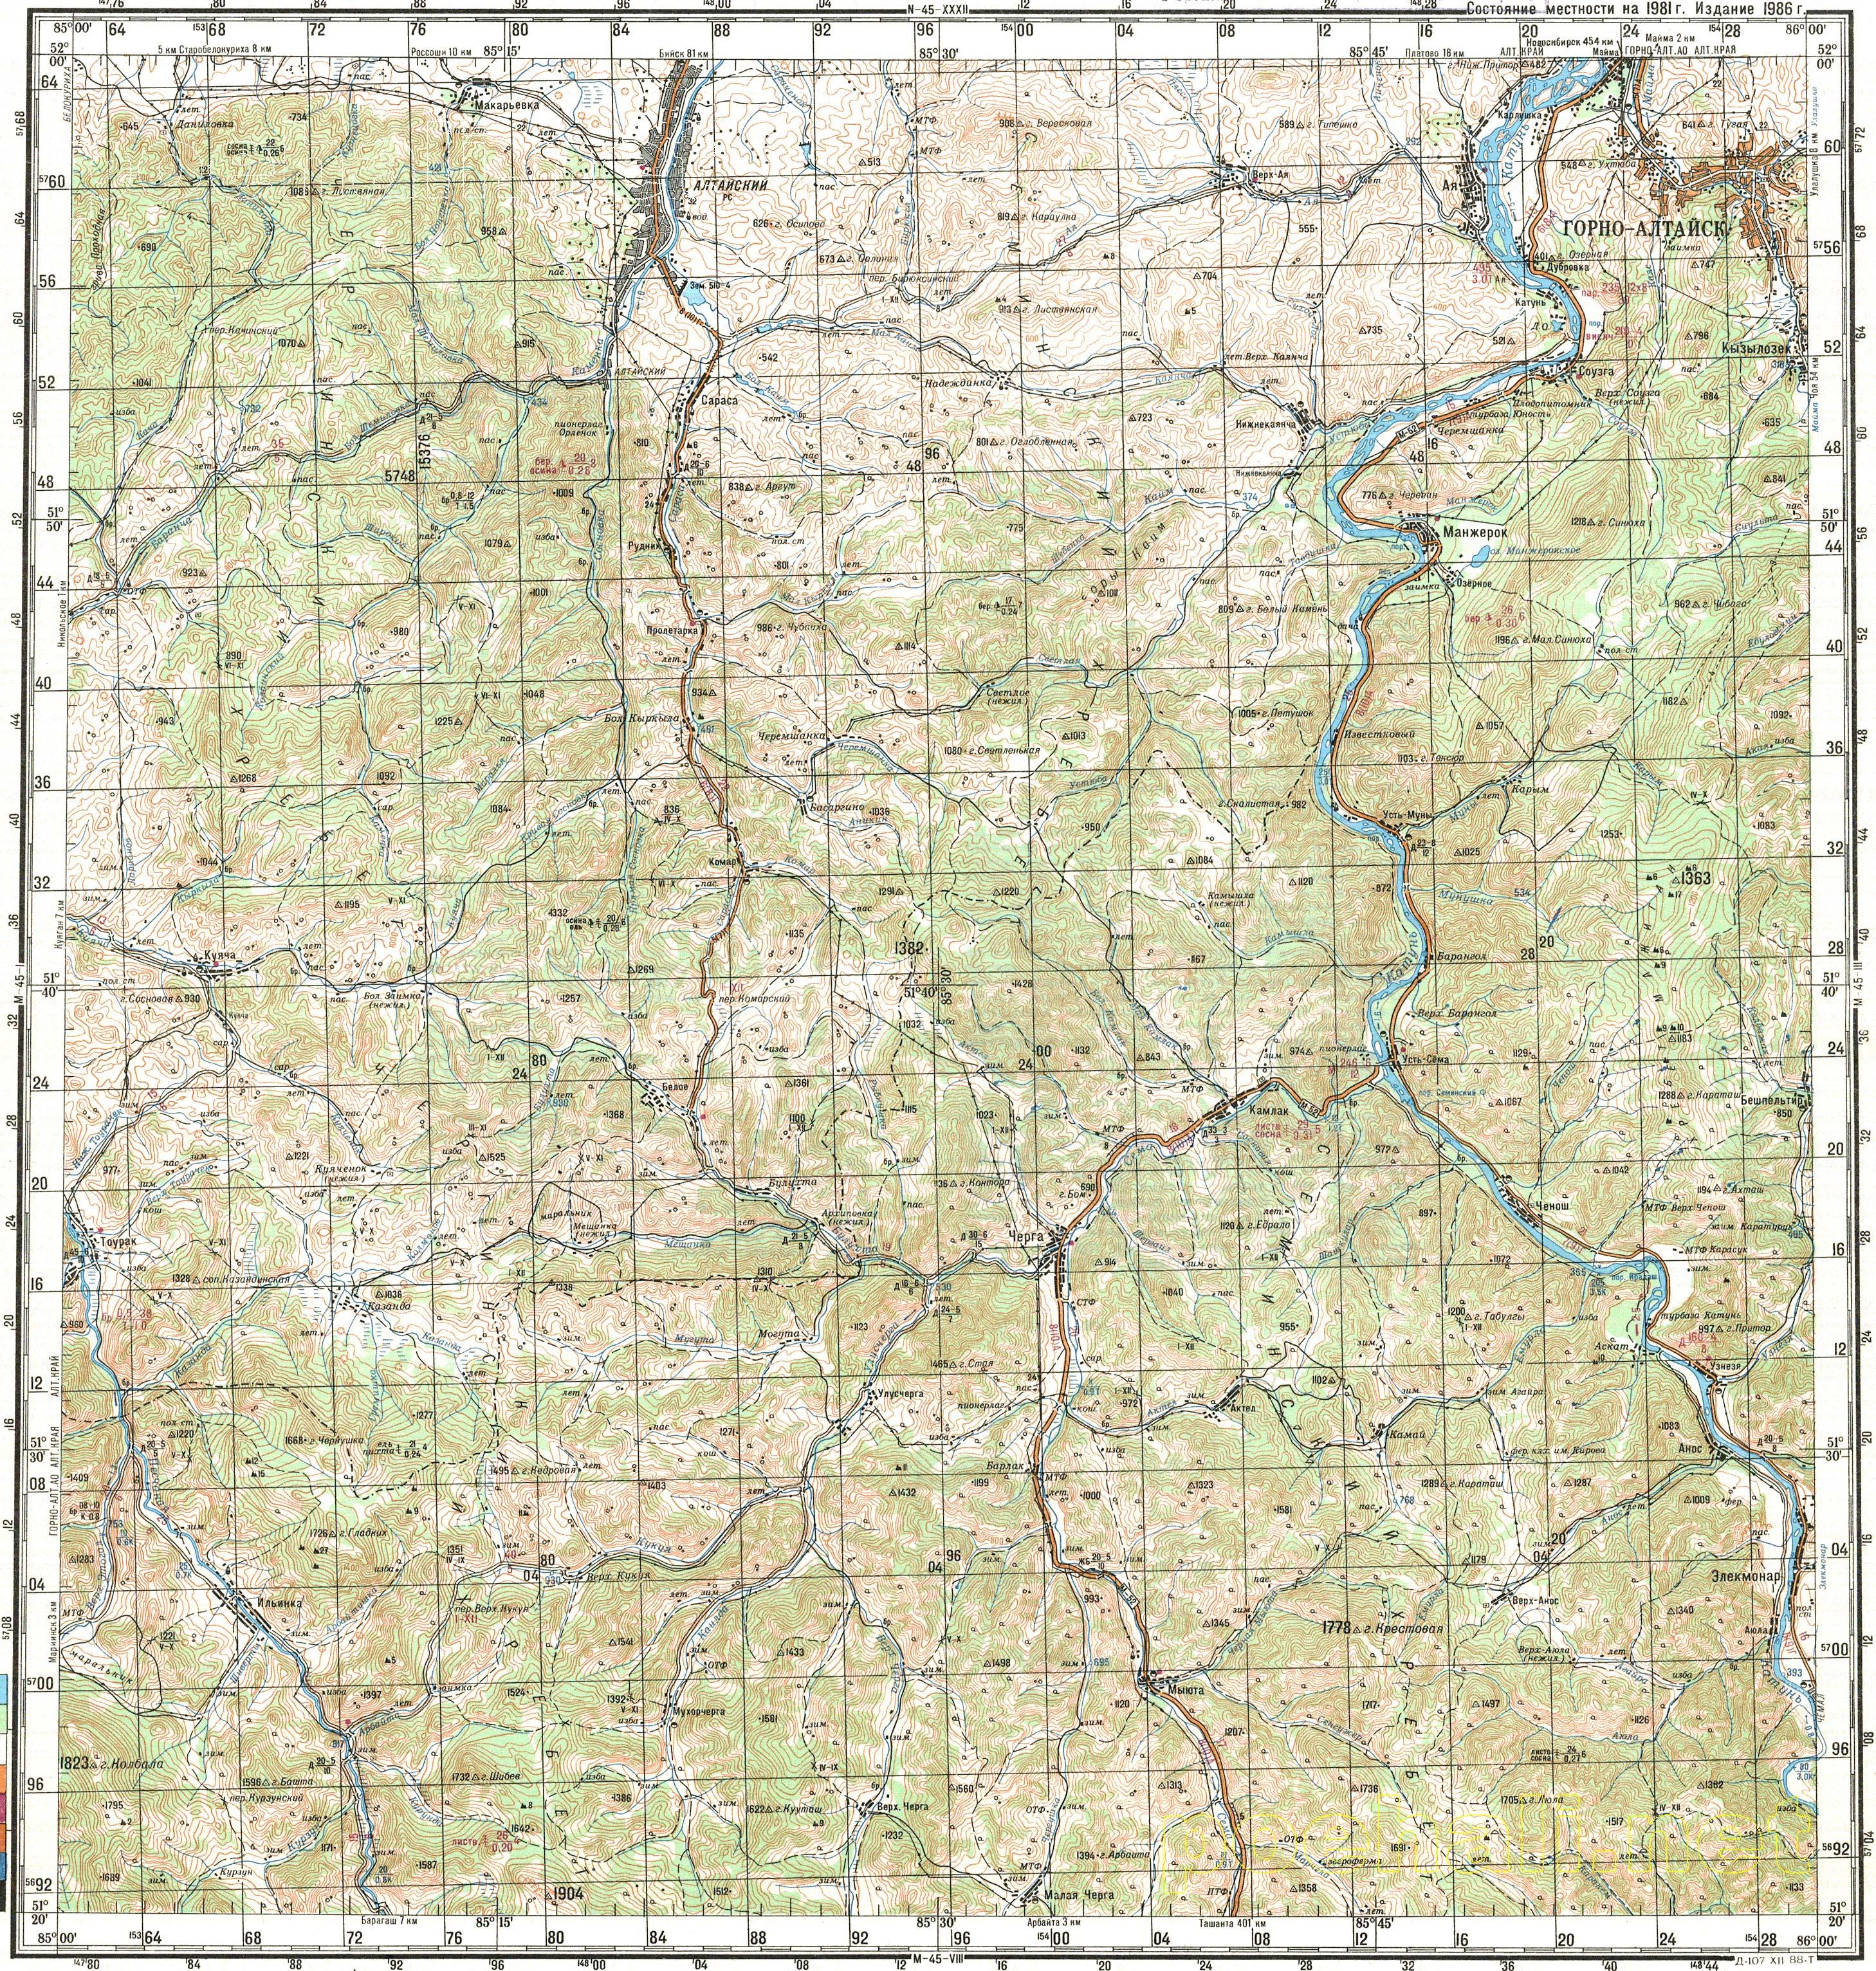 Скачать карту m-45-02 (2997 Kb)